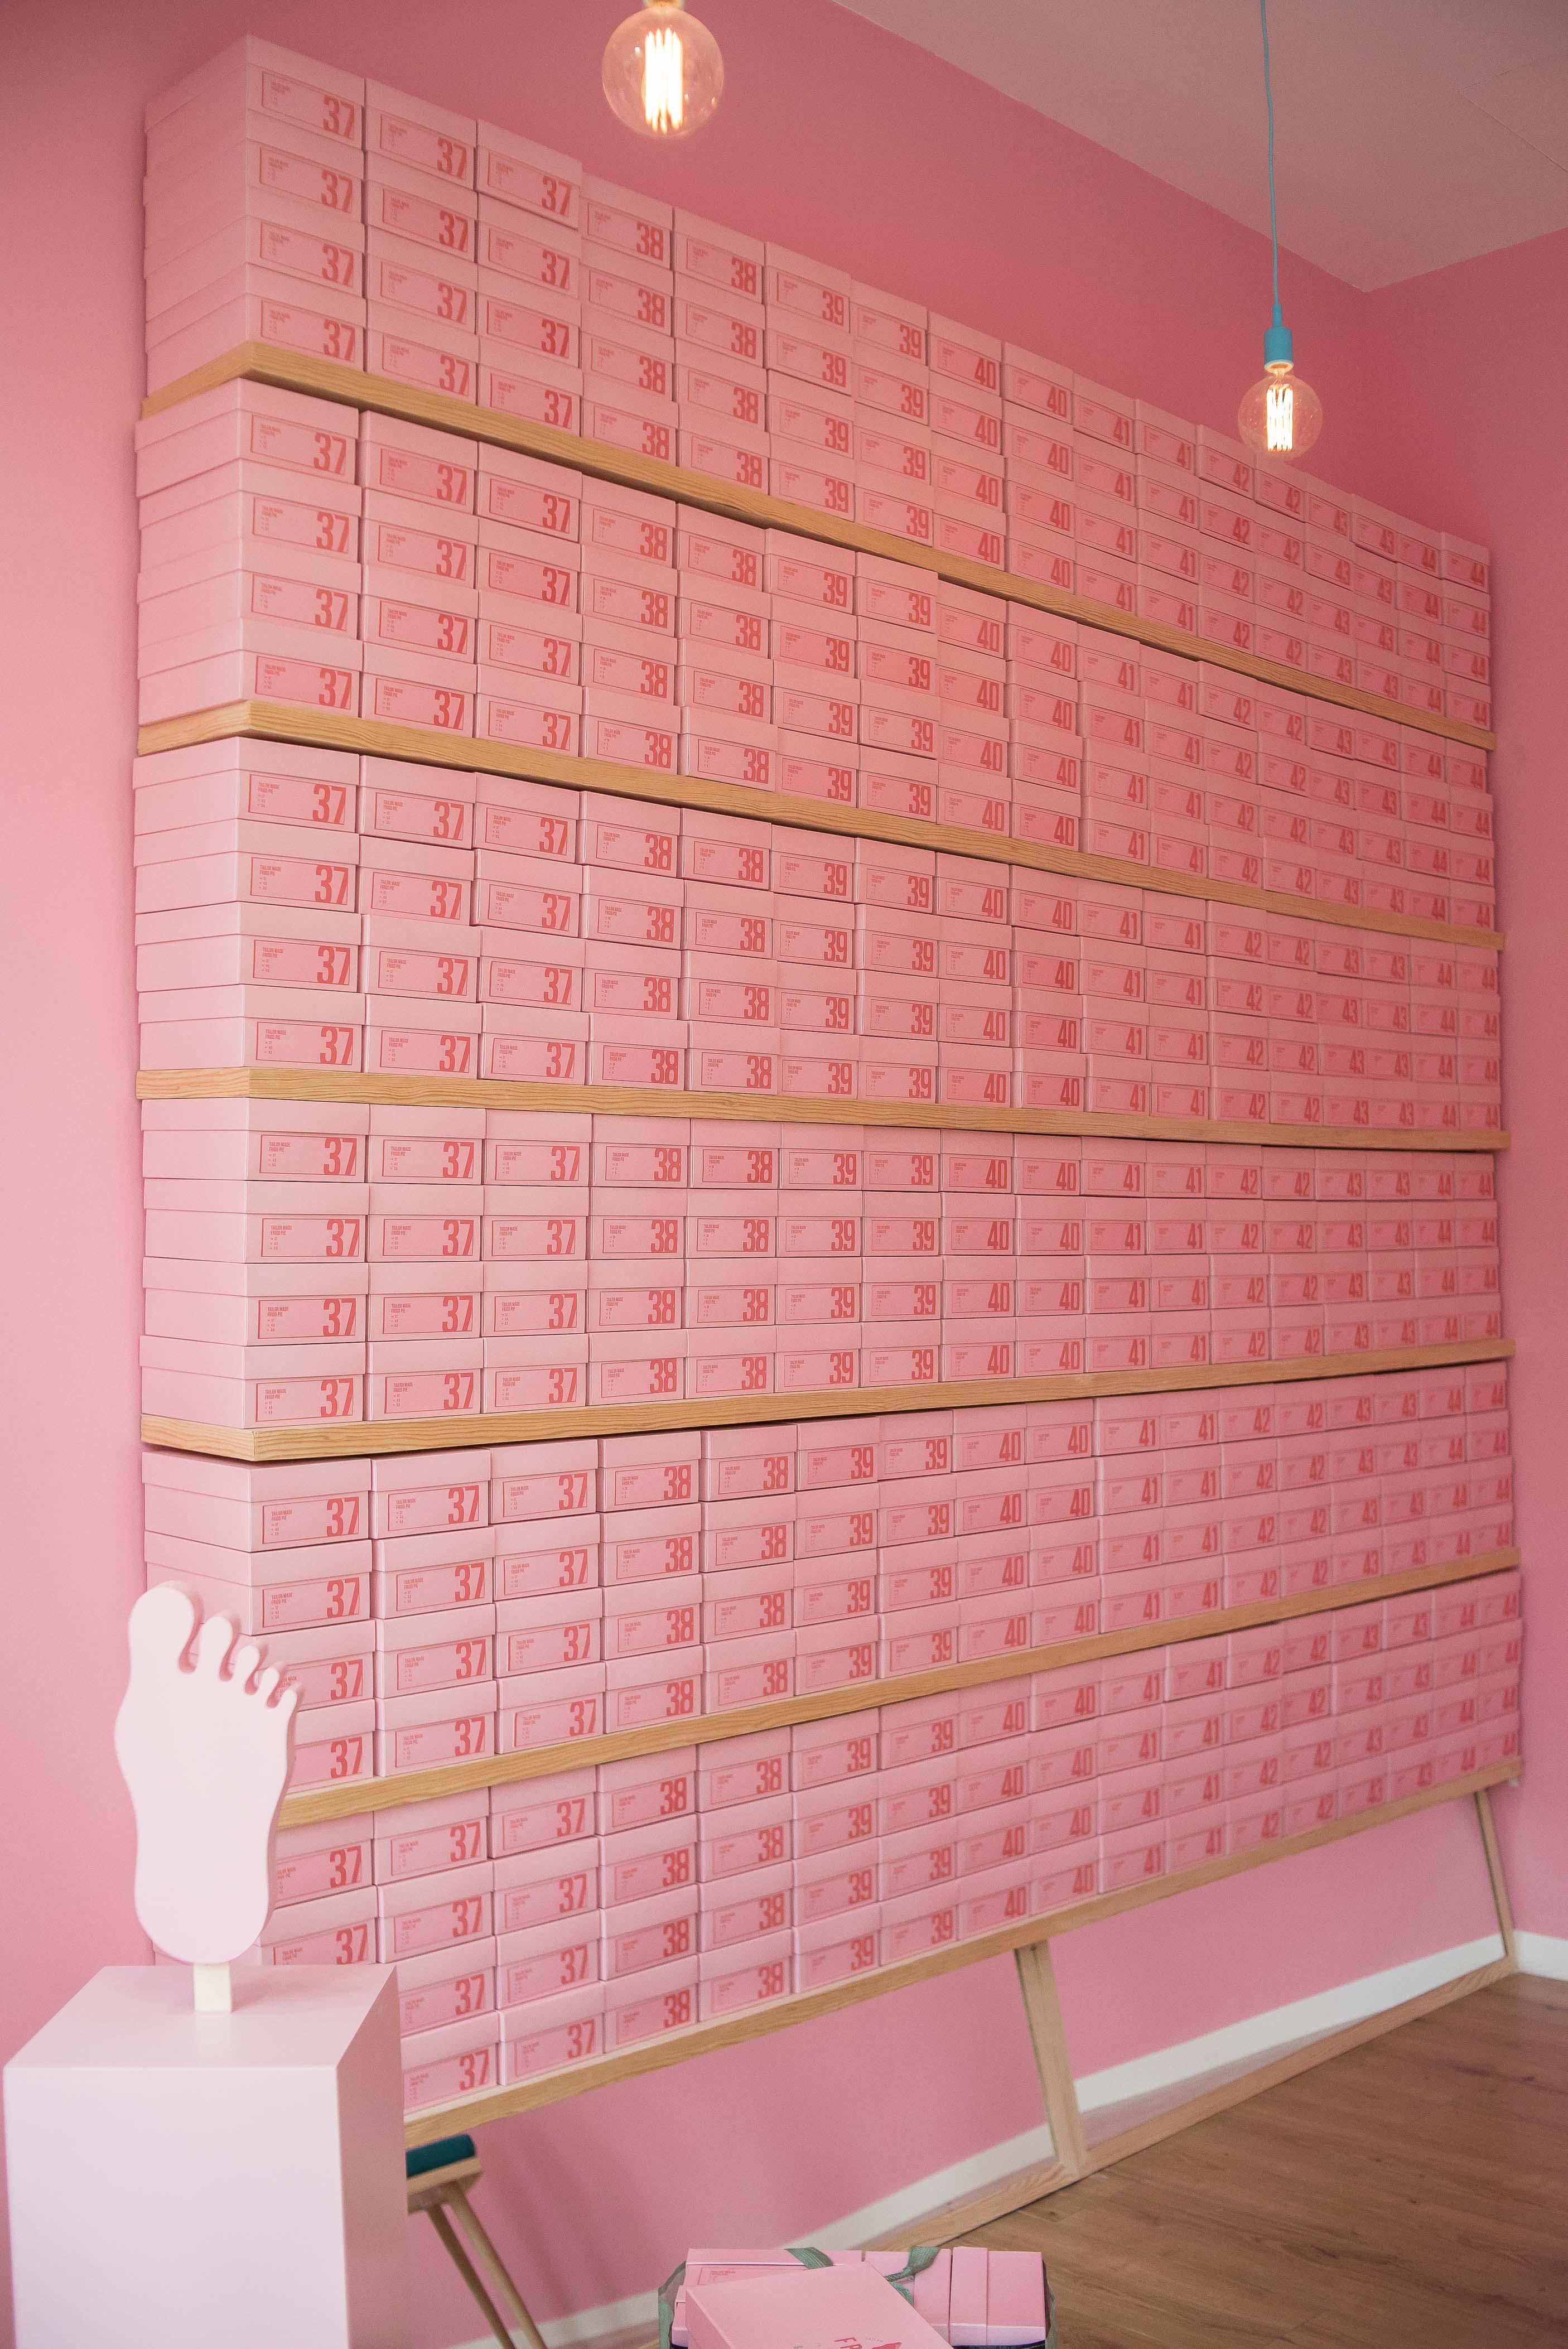 Frigo Pie en cajas de zapatos